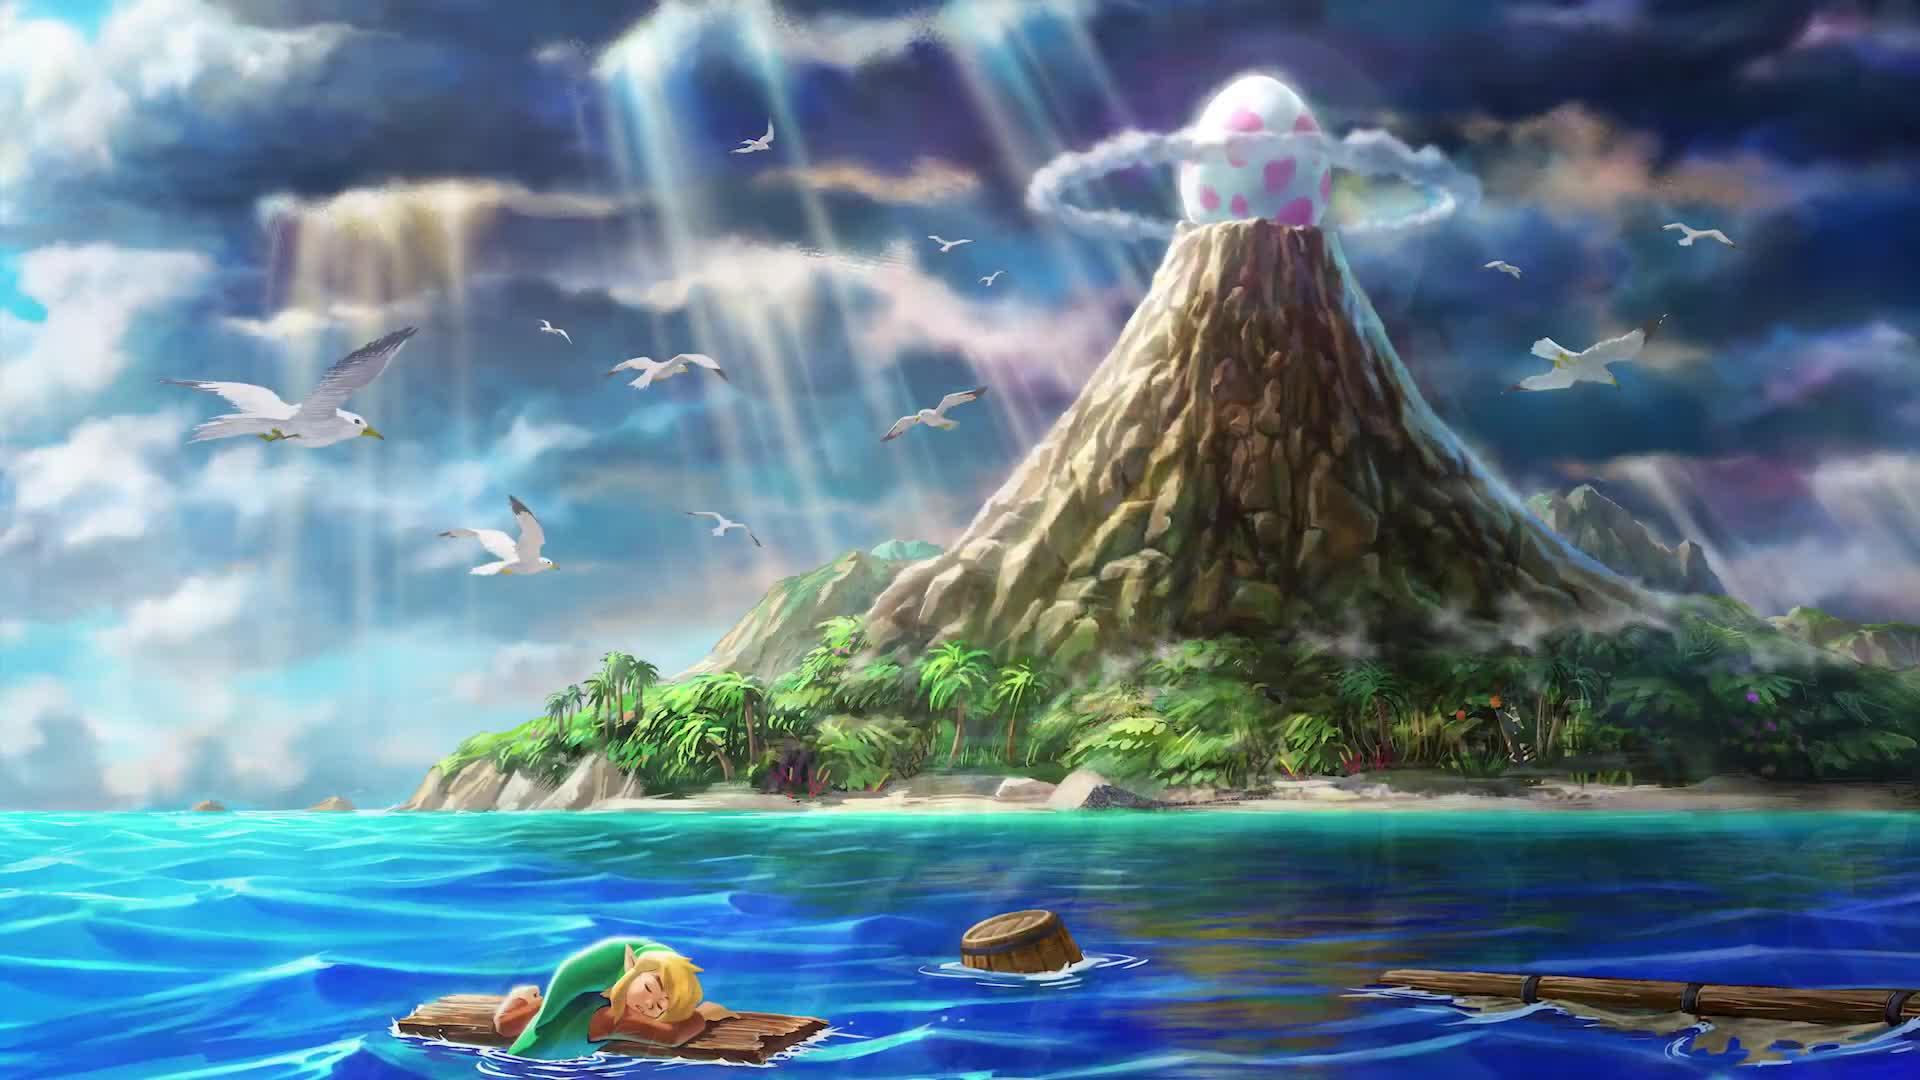 Spiele, Nintendo Switch, Switch, The Legend of Zelda, Zelda, Remake, Links Awakening